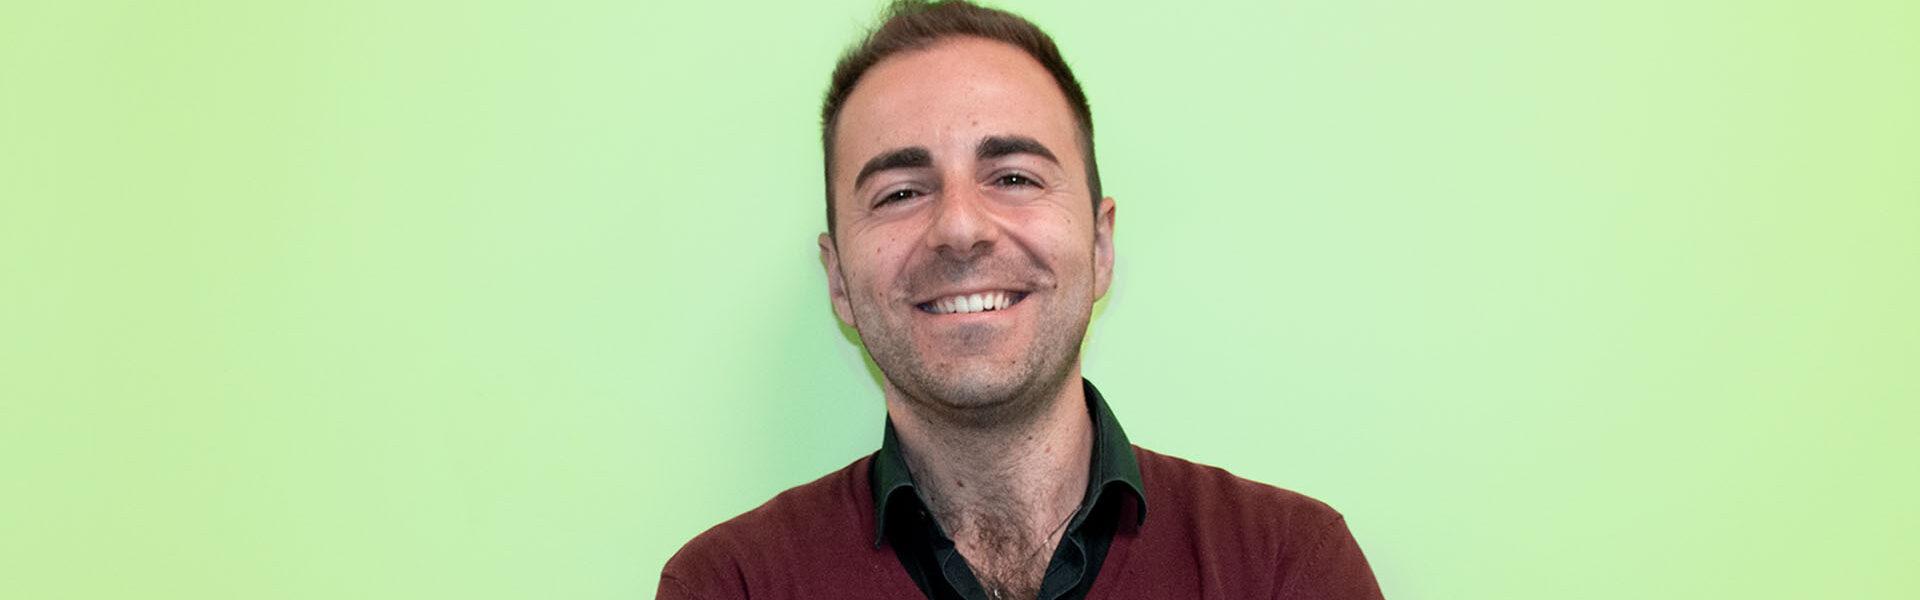 Francesco Damiano Logiudice, Psicologo, specializzando in Psicoterapia